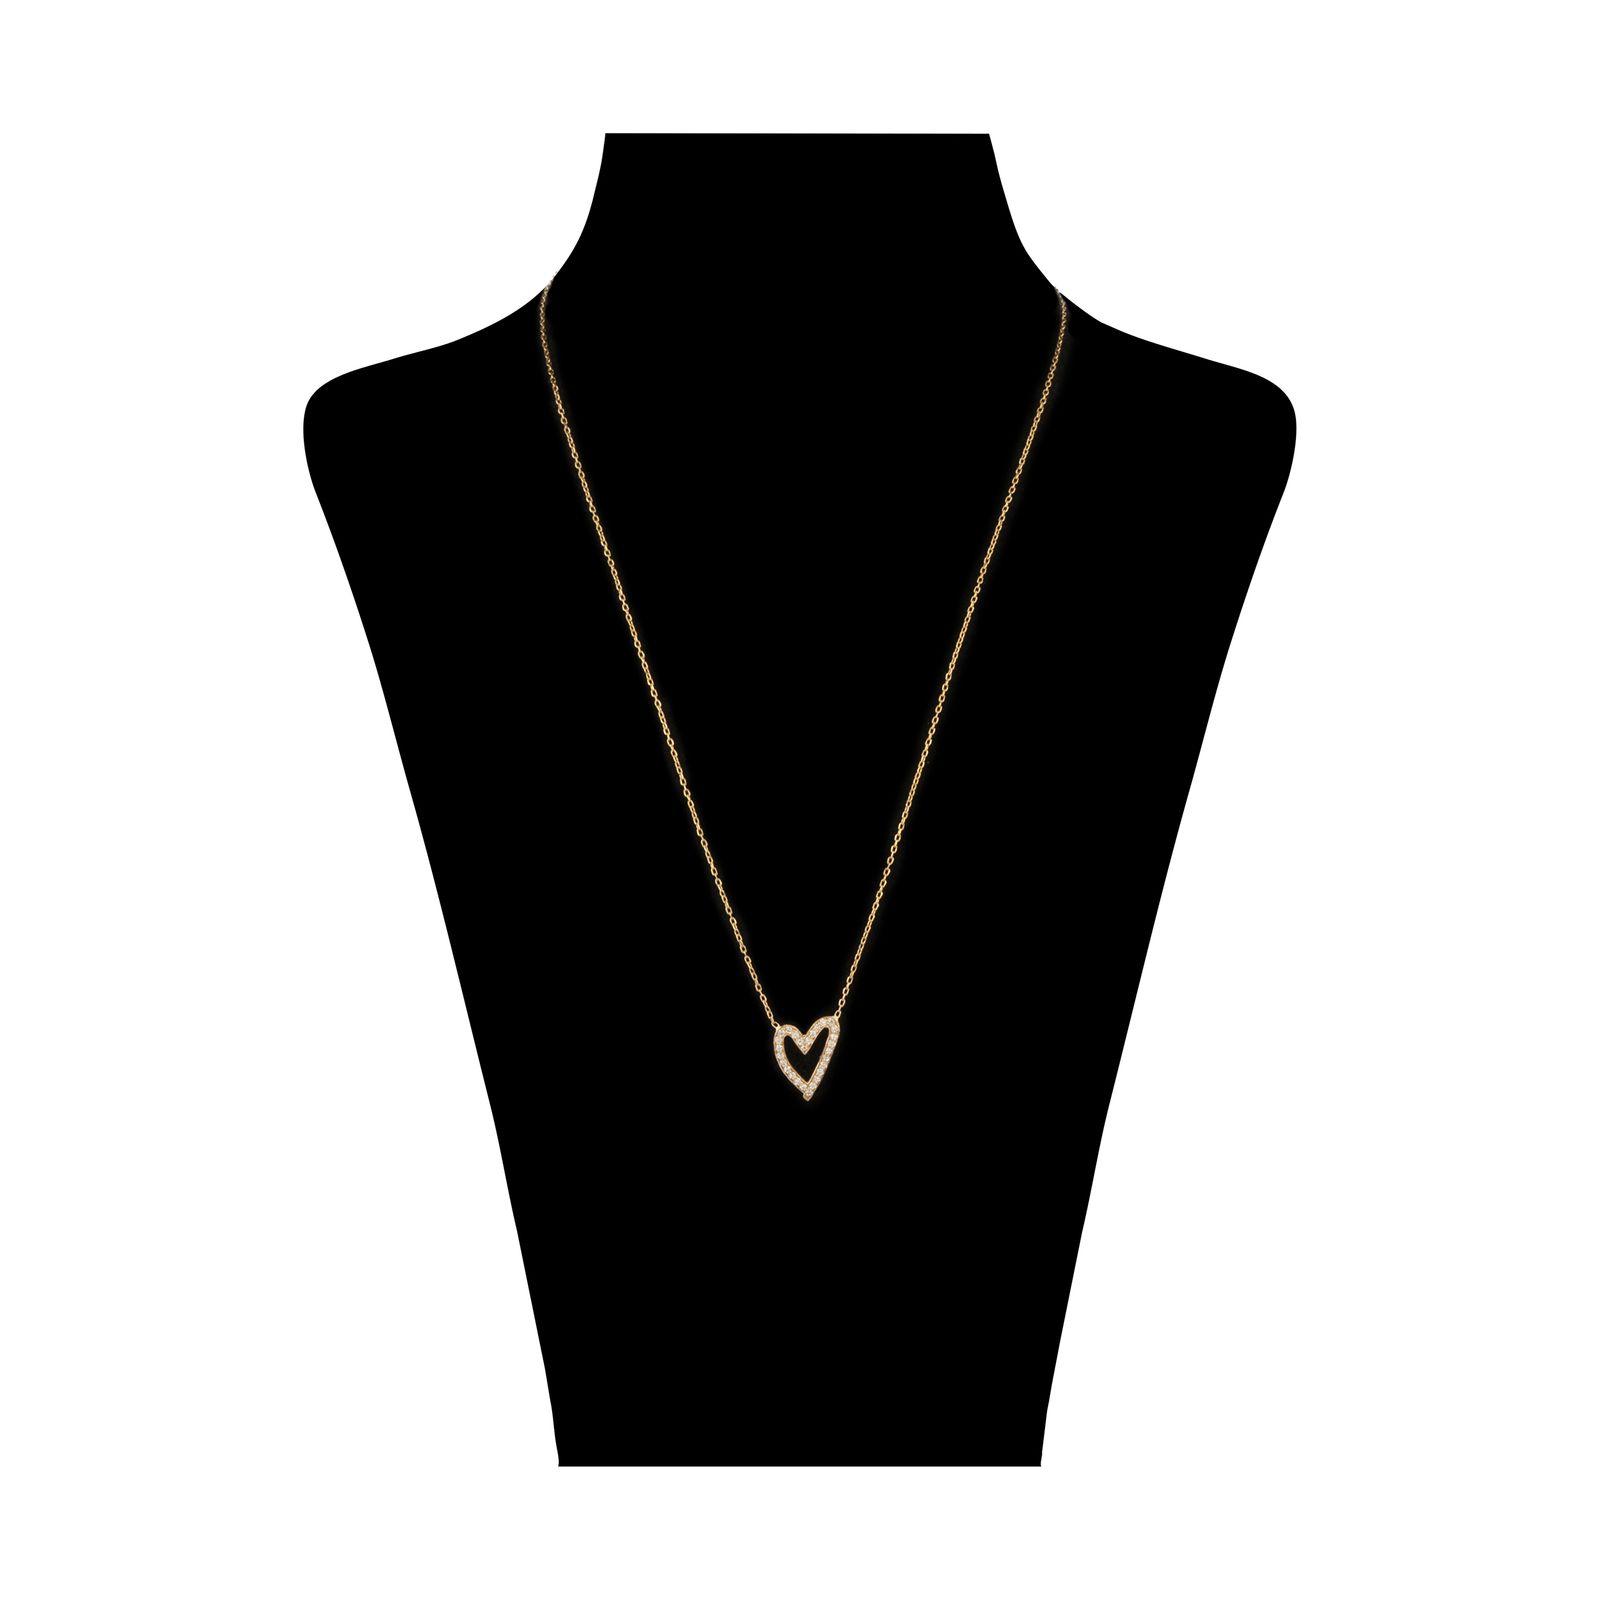 گردنبند طلا 18 عیار زنانه سنجاق مدل X082154 -  - 2